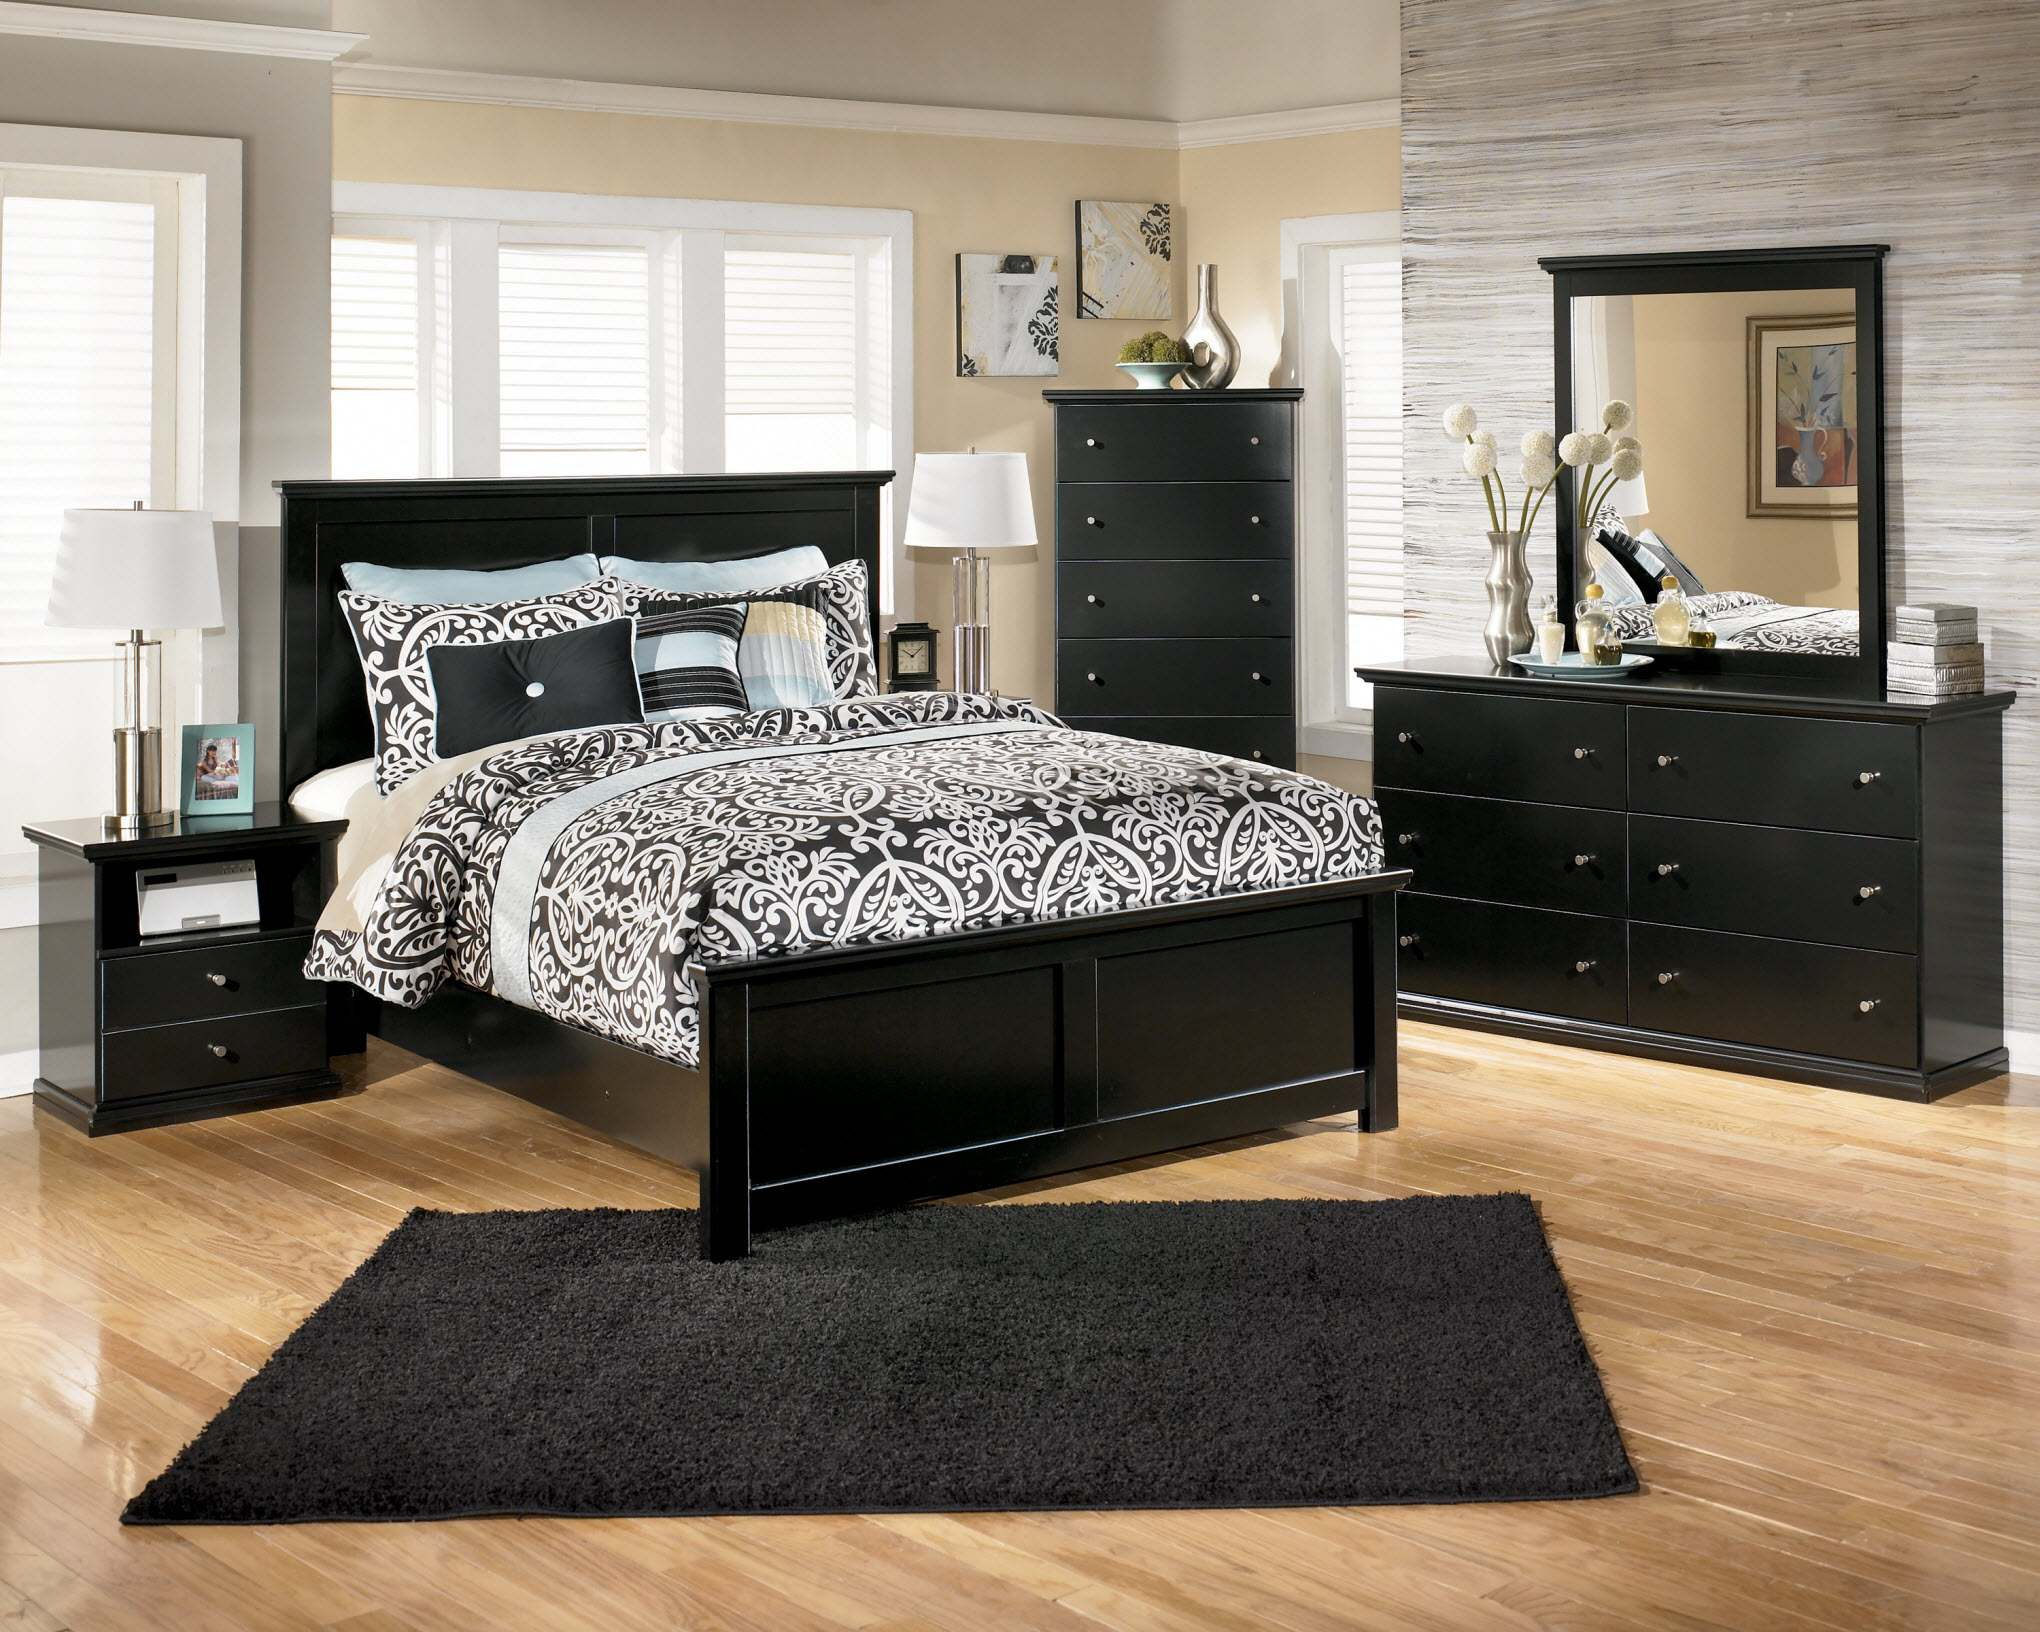 Черное-белая гамма для интерьера спальни11